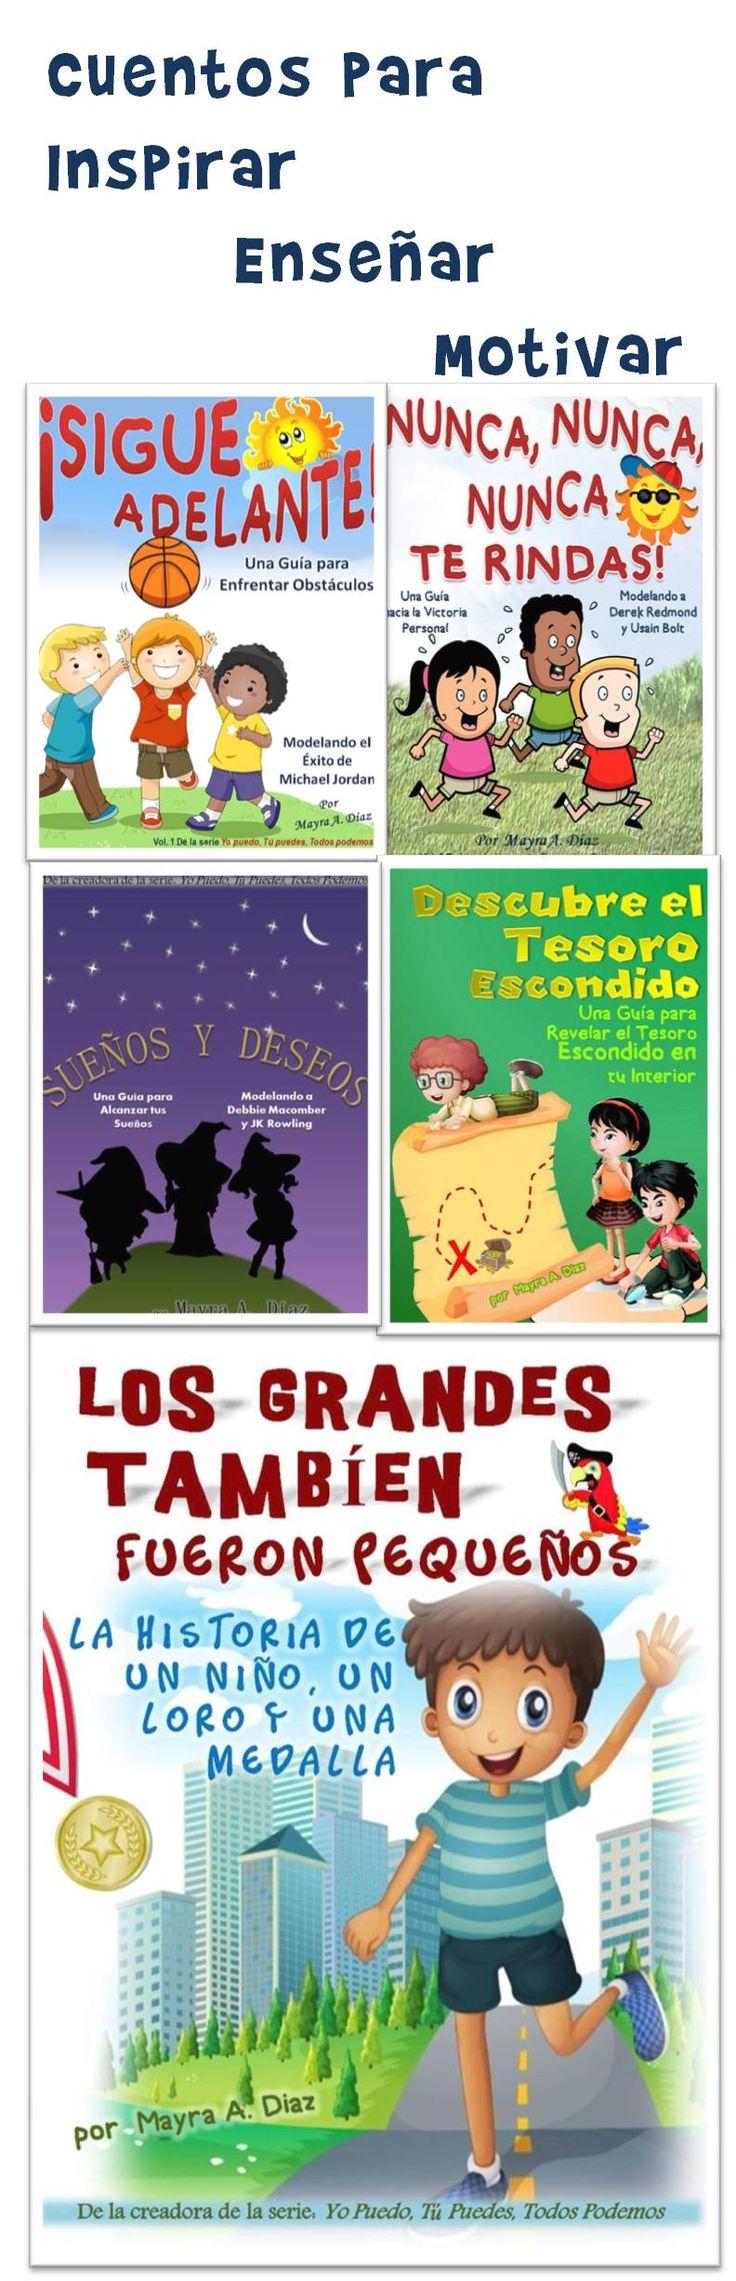 Cuentos en Español para Niños De la serie Yo puedo, Tú puedes, Todos podemos. Por Mayra A Diaz #kindleUnlimited #spanish #kidlit Kindle Unlimited Amazon Prime